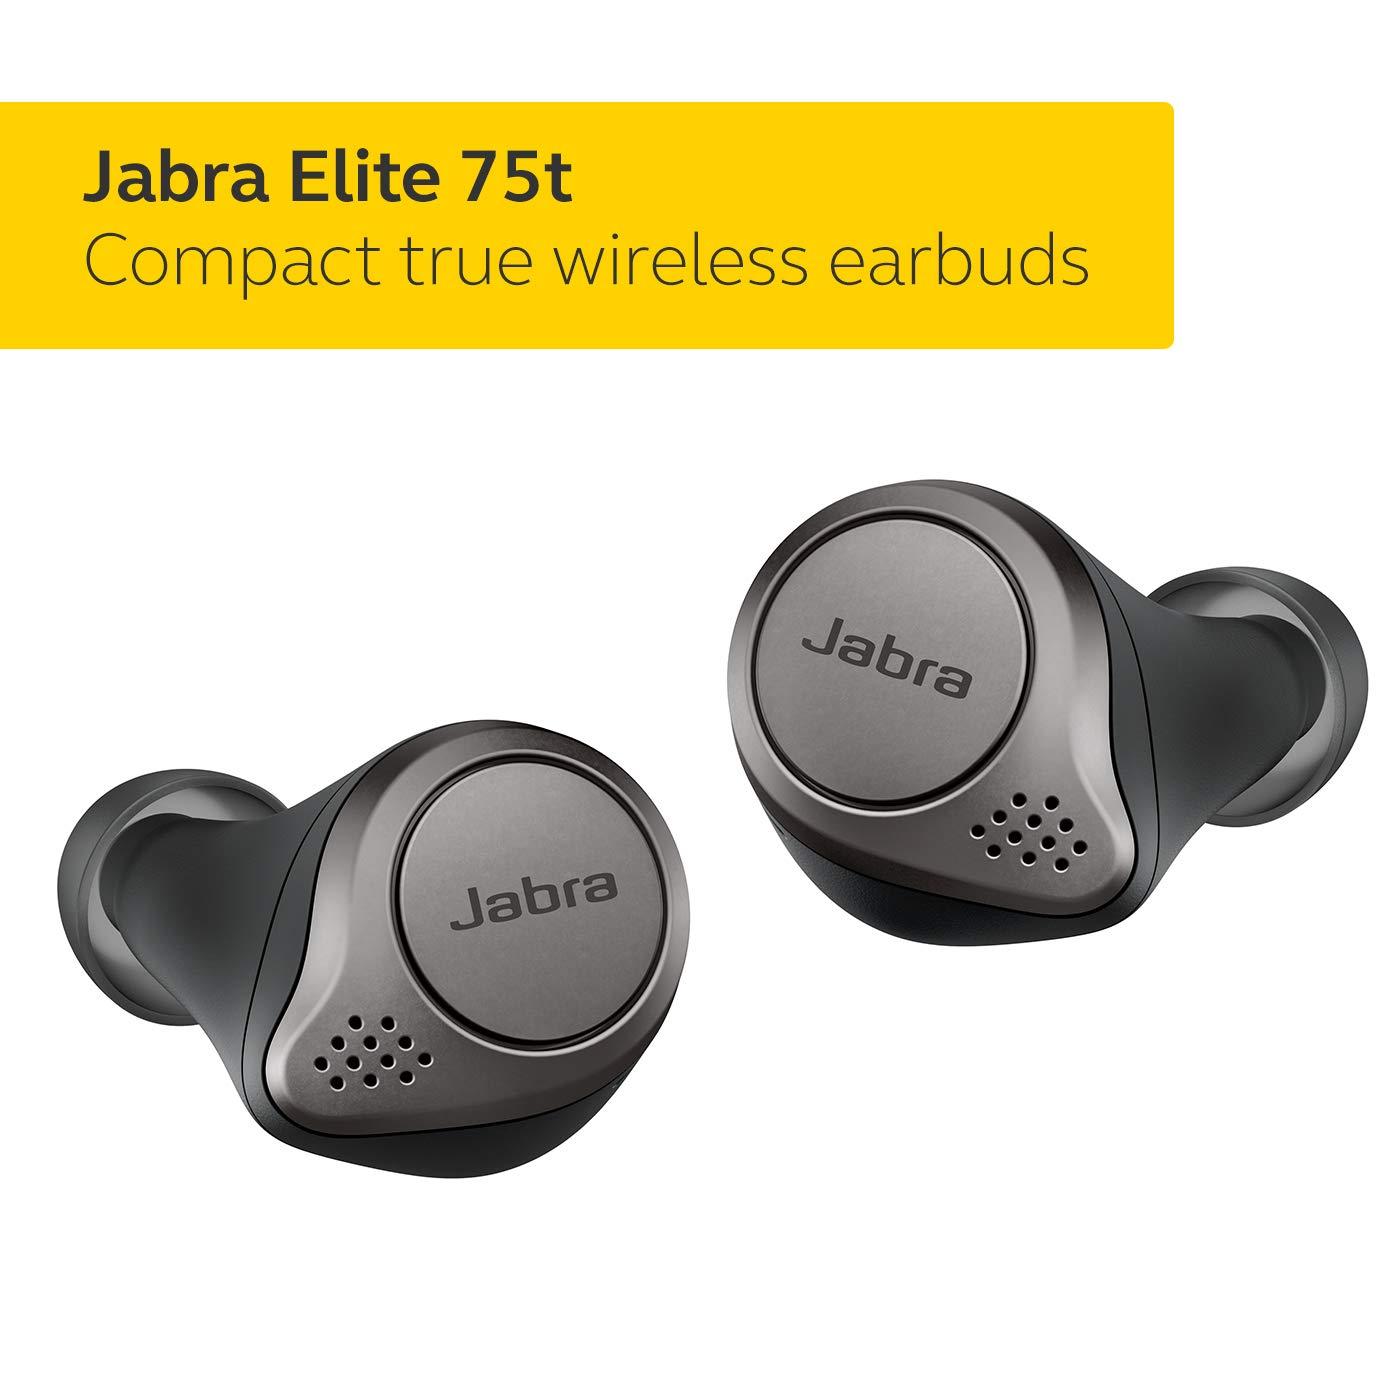 Jabra Elite 75t True Wireless Bluetooth Earbuds $183.25